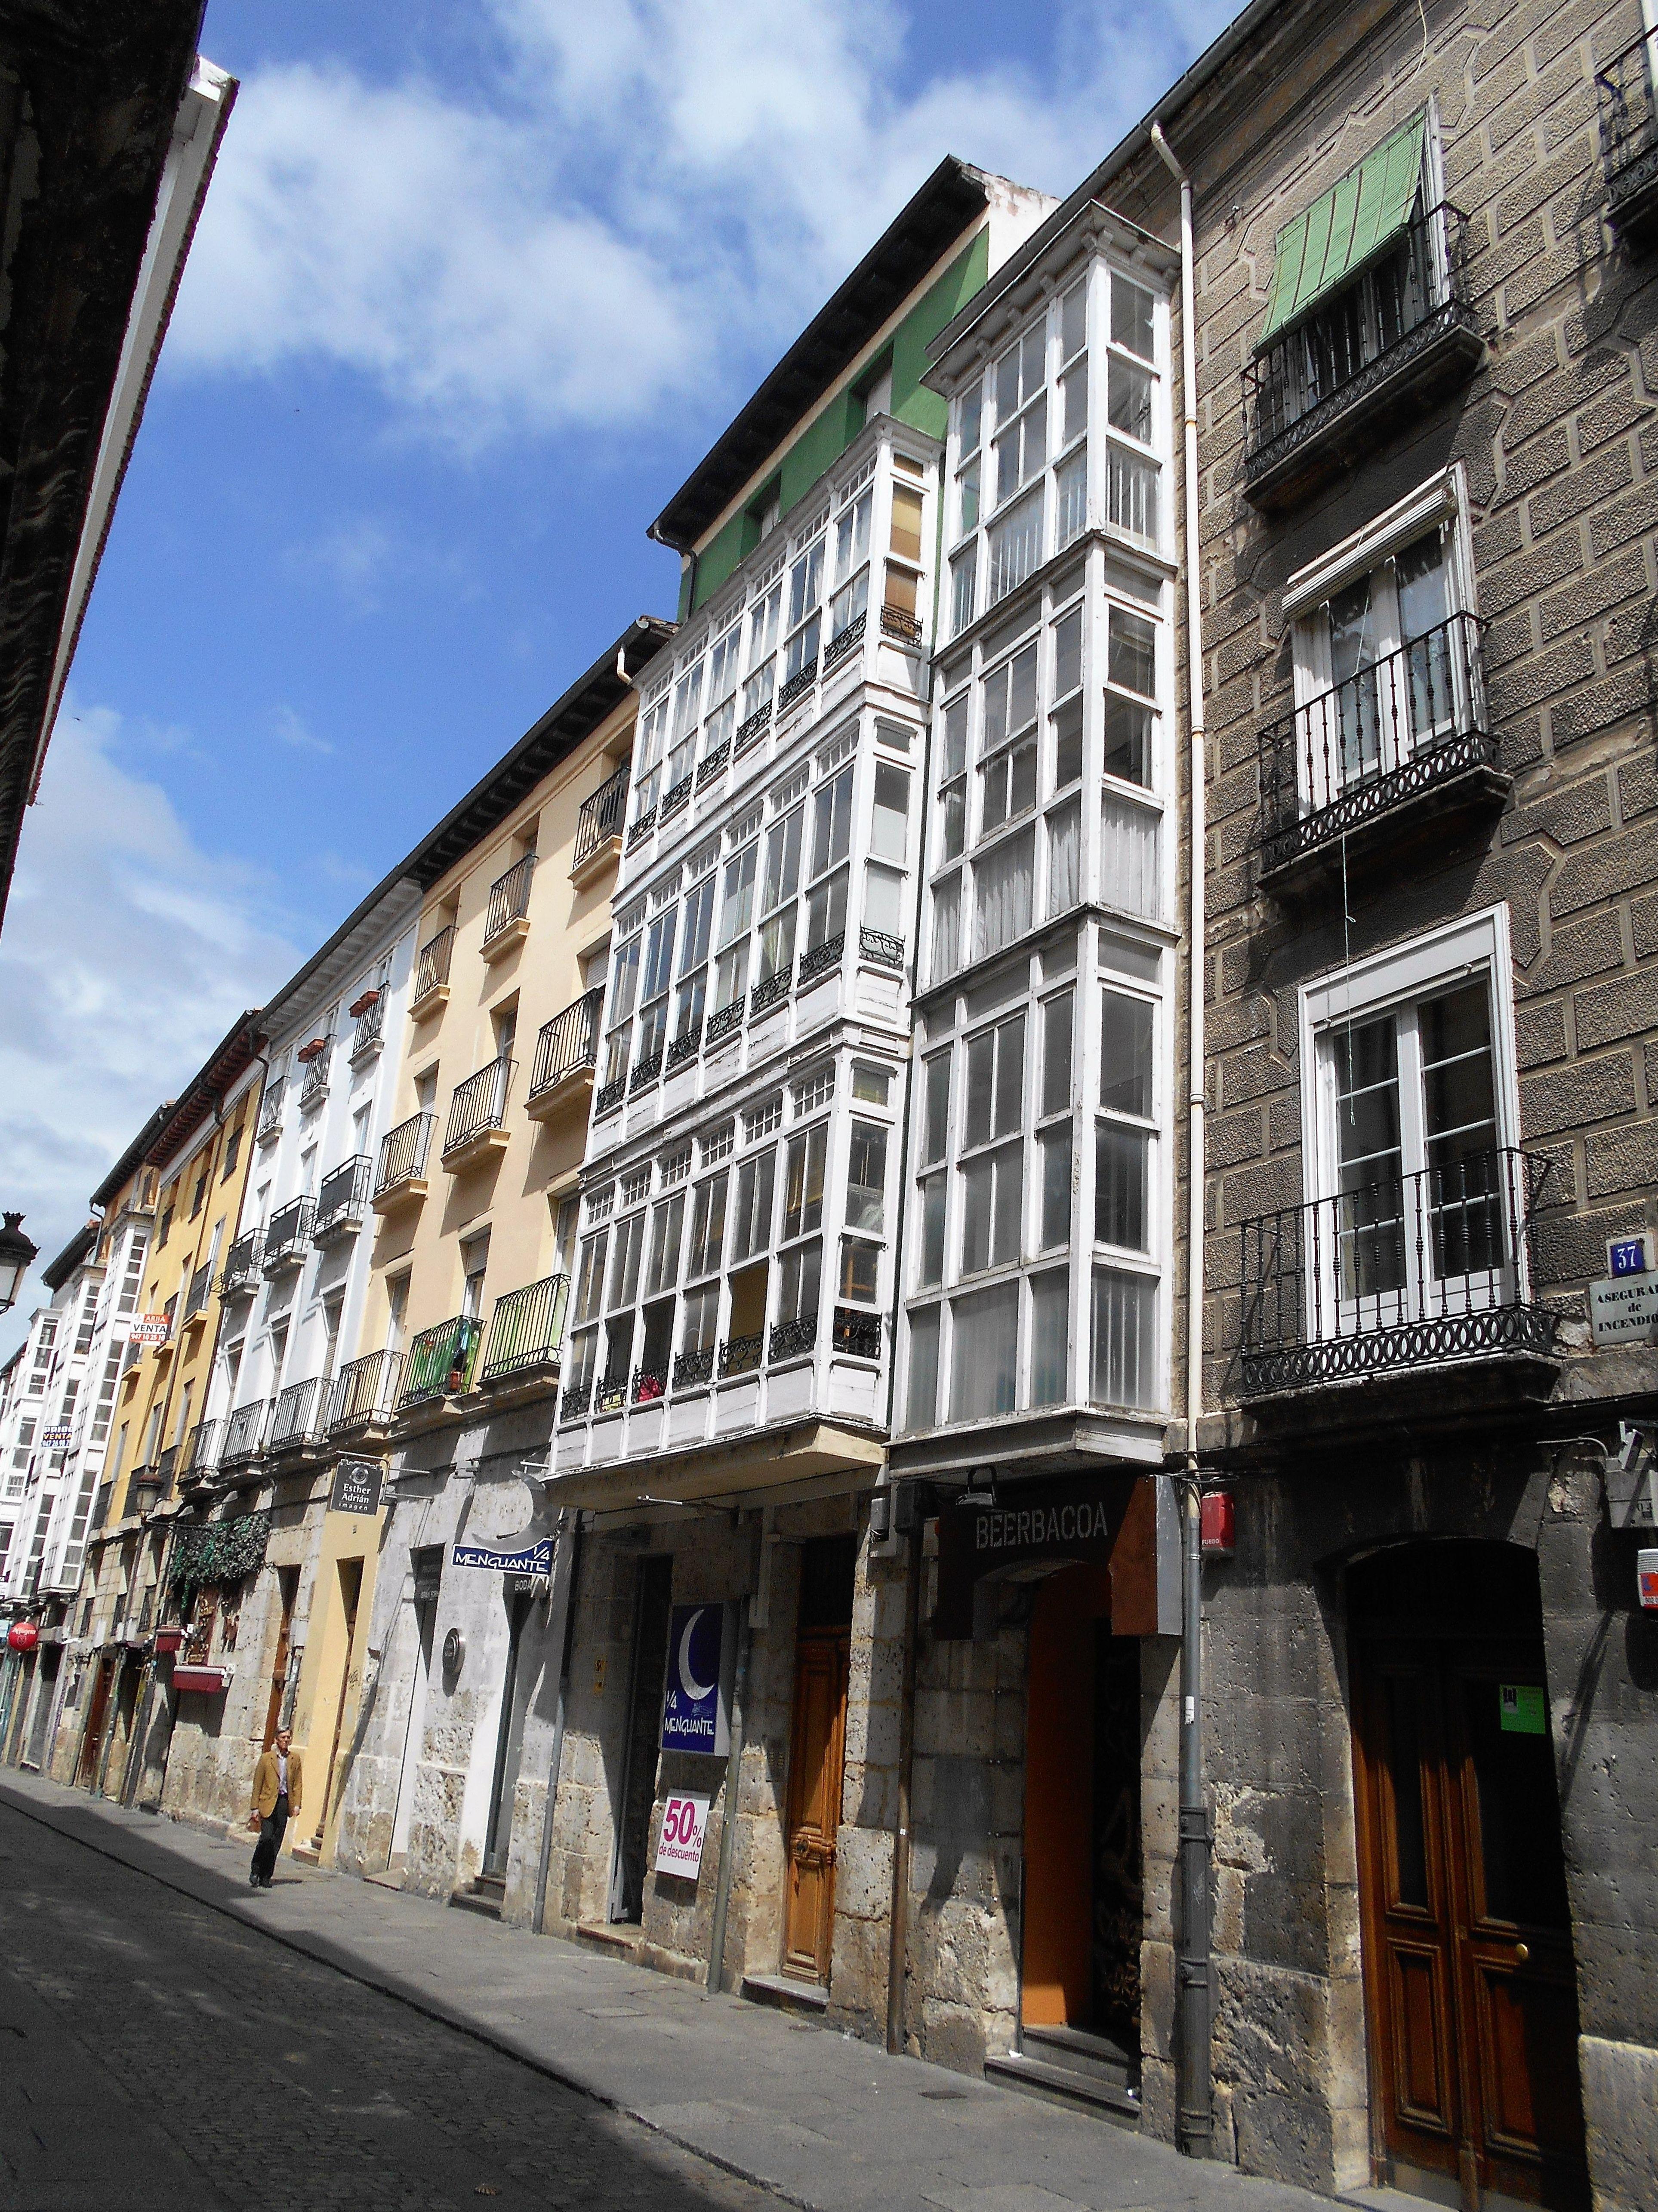 Piso Calle San Juan: Venta y alquiler de inmuebles de Inmobiliaria Renedo